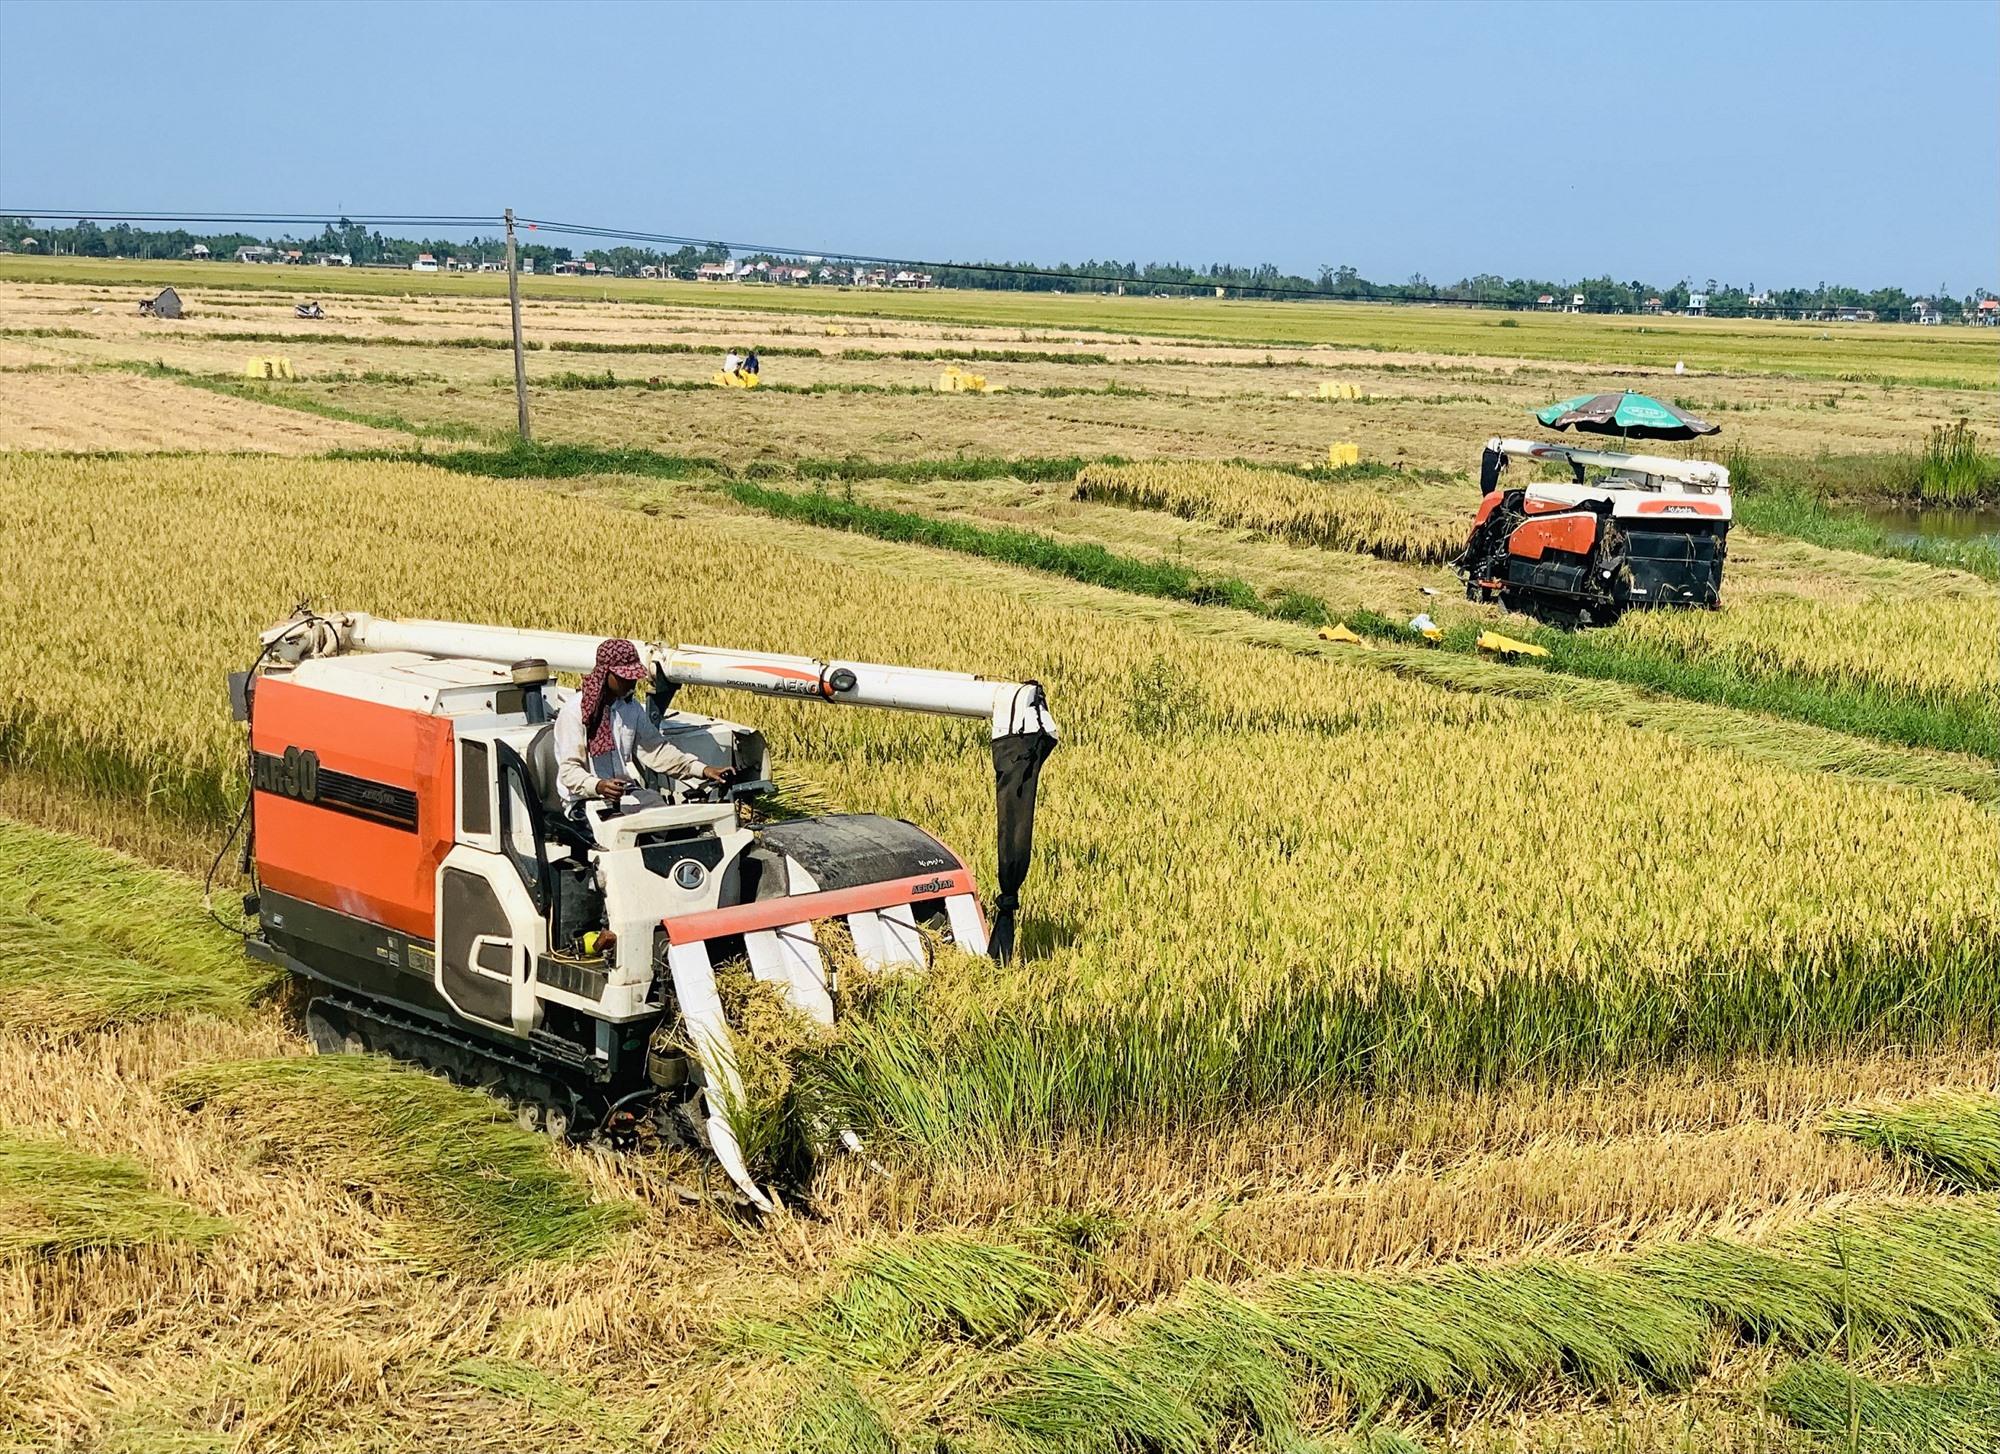 Nhờ huy động tối đa phương tiện cơ giới nên tiến độ thu hoạch lúa ở nhiều nơi diễn ra rất nhanh và góp phần giảm tổn thất sản lượng.  Ảnh: T.P